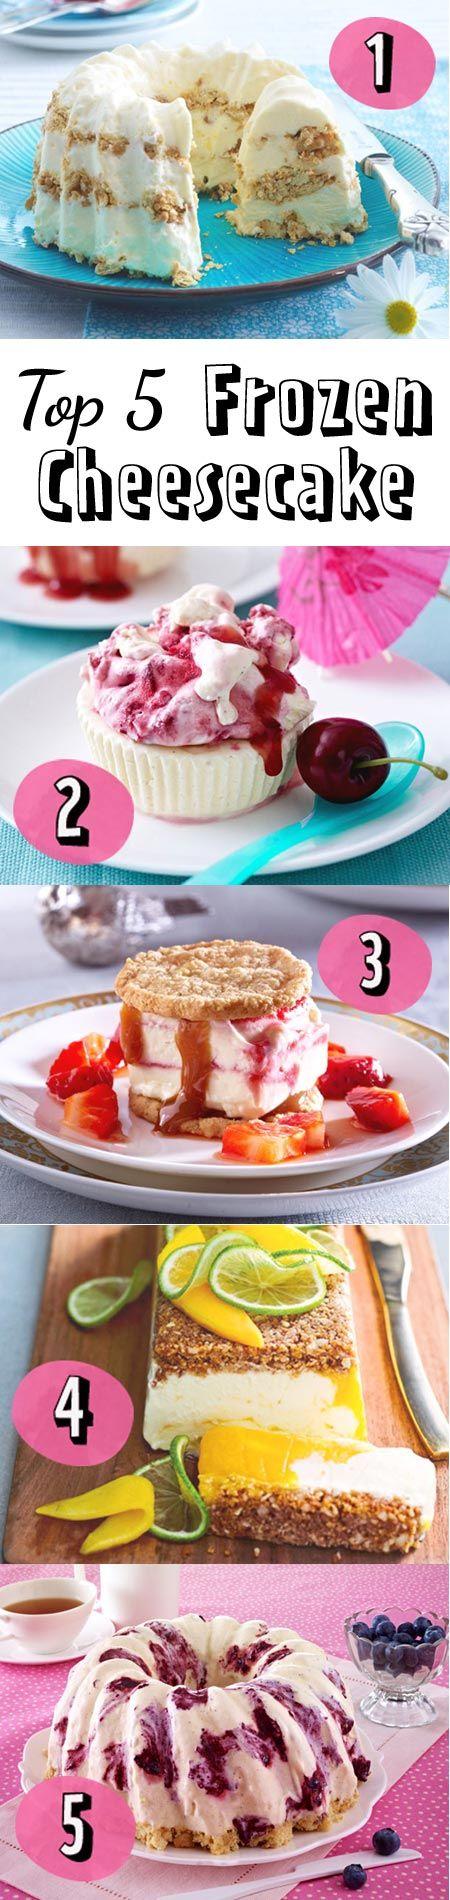 """Eisgekühlte Kuchen sind perfekt für den Sommer. Das sind unsere TOP 5 Frozen Cheesecake-Rezepte zum """"Nachbacken""""."""